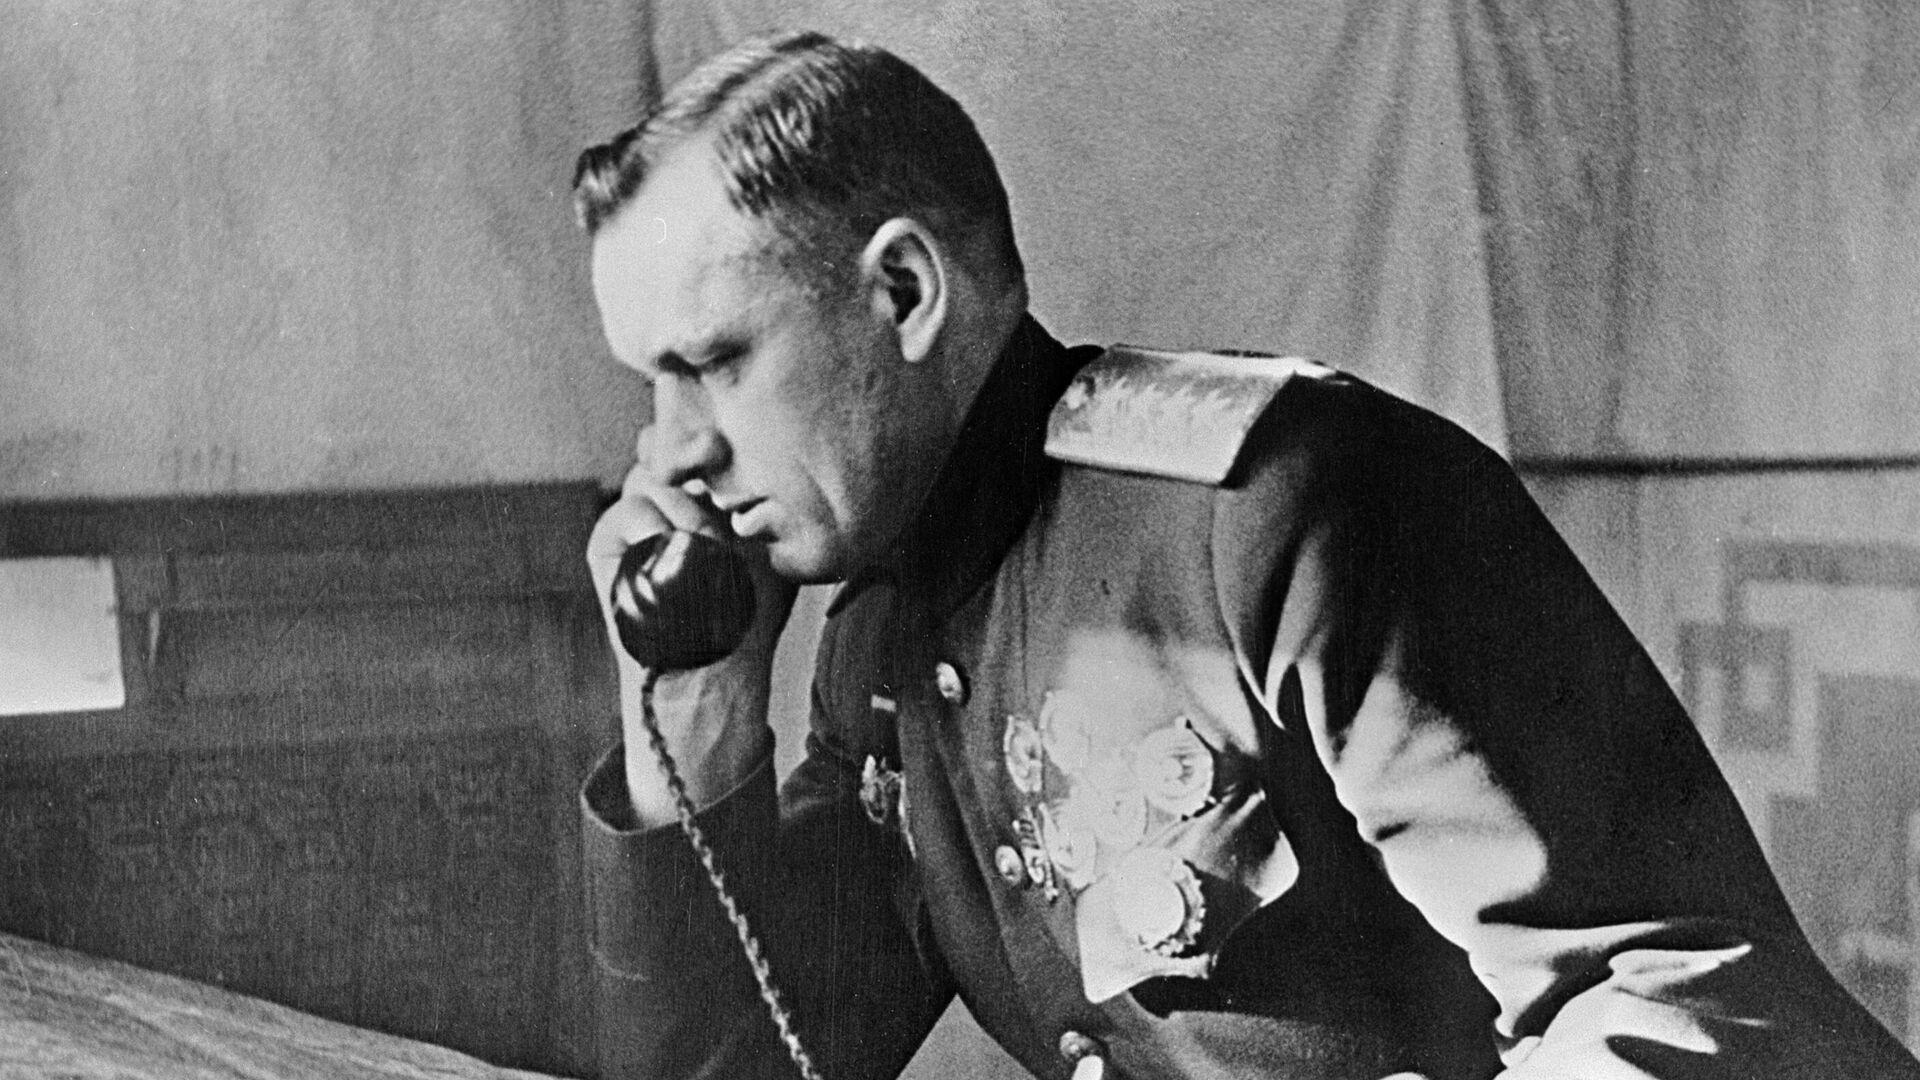 Командующий I-м Белорусским фронтом генерал армии Константин Рокоссовский. - РИА Новости, 1920, 07.05.2021